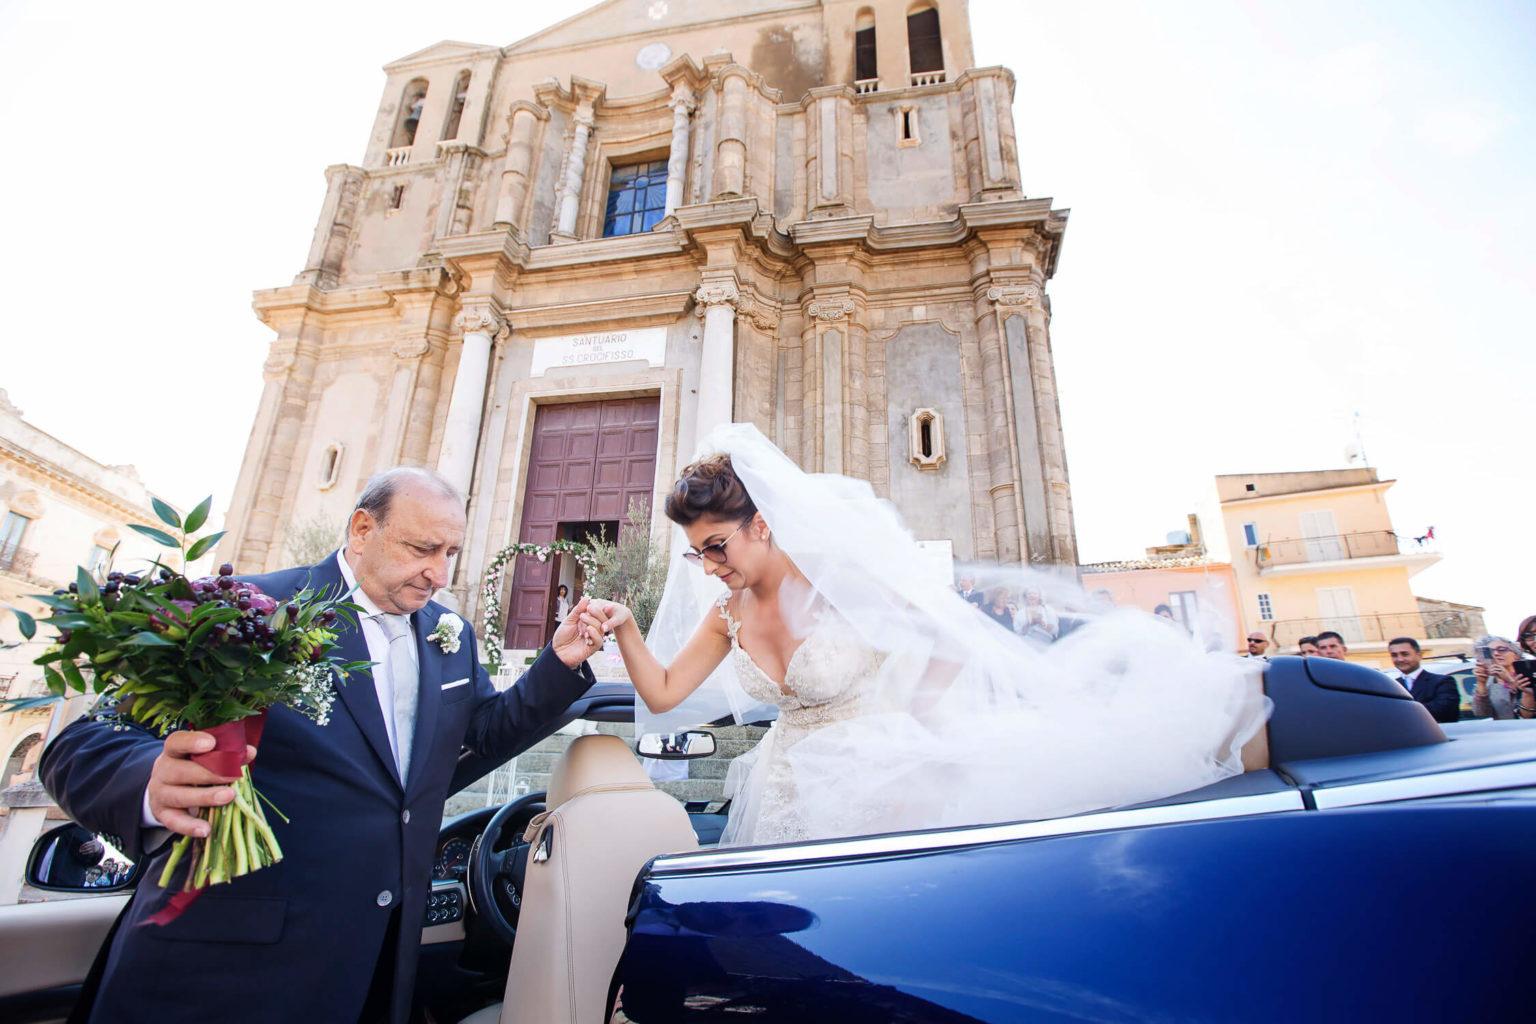 Papà della sposa che le da la mano per scendere dall'auto a Siculiana, foto per matrimoni di Nino Lombardo